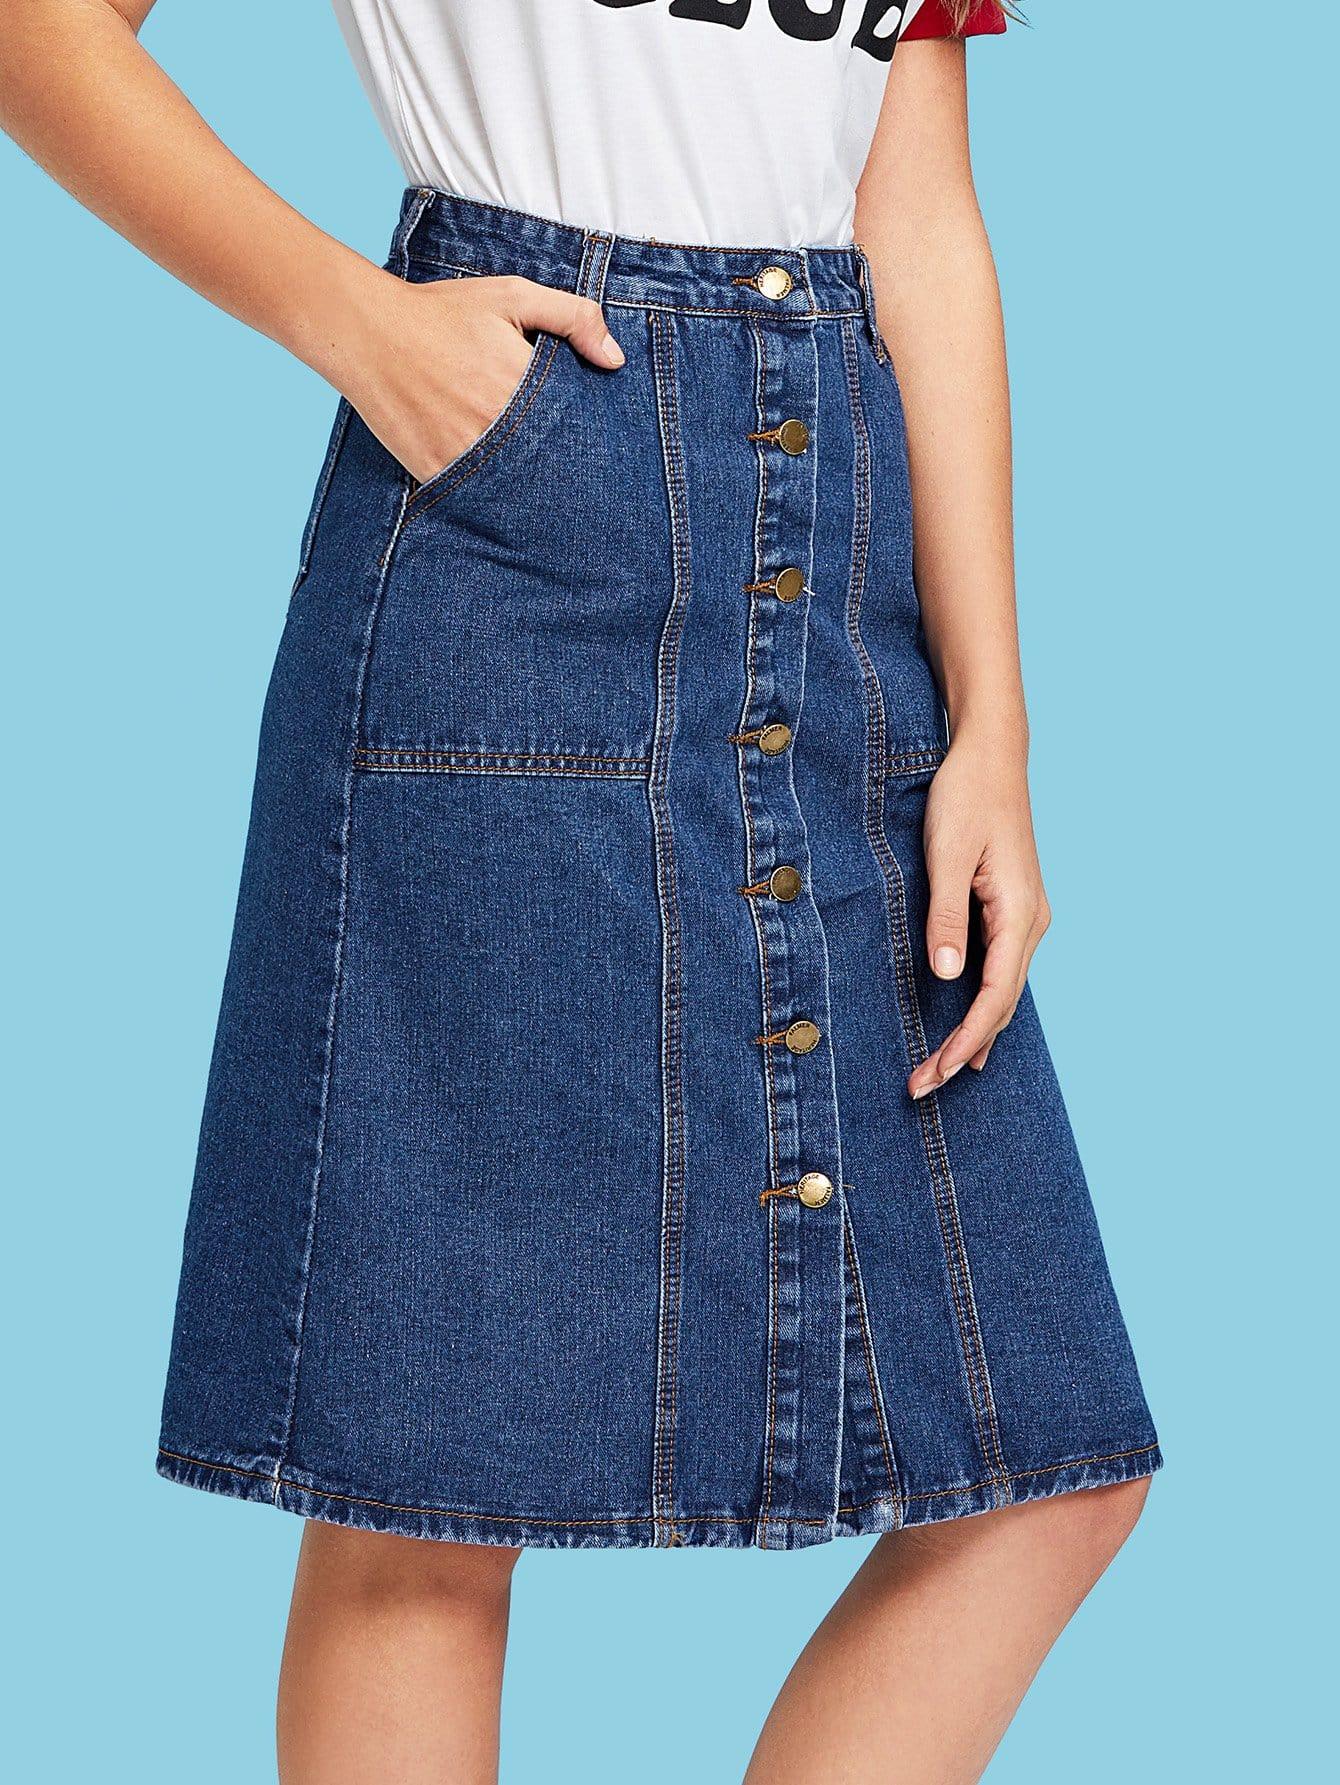 Stitch Detail Button Front Denim Skirt button front denim suspender skirt